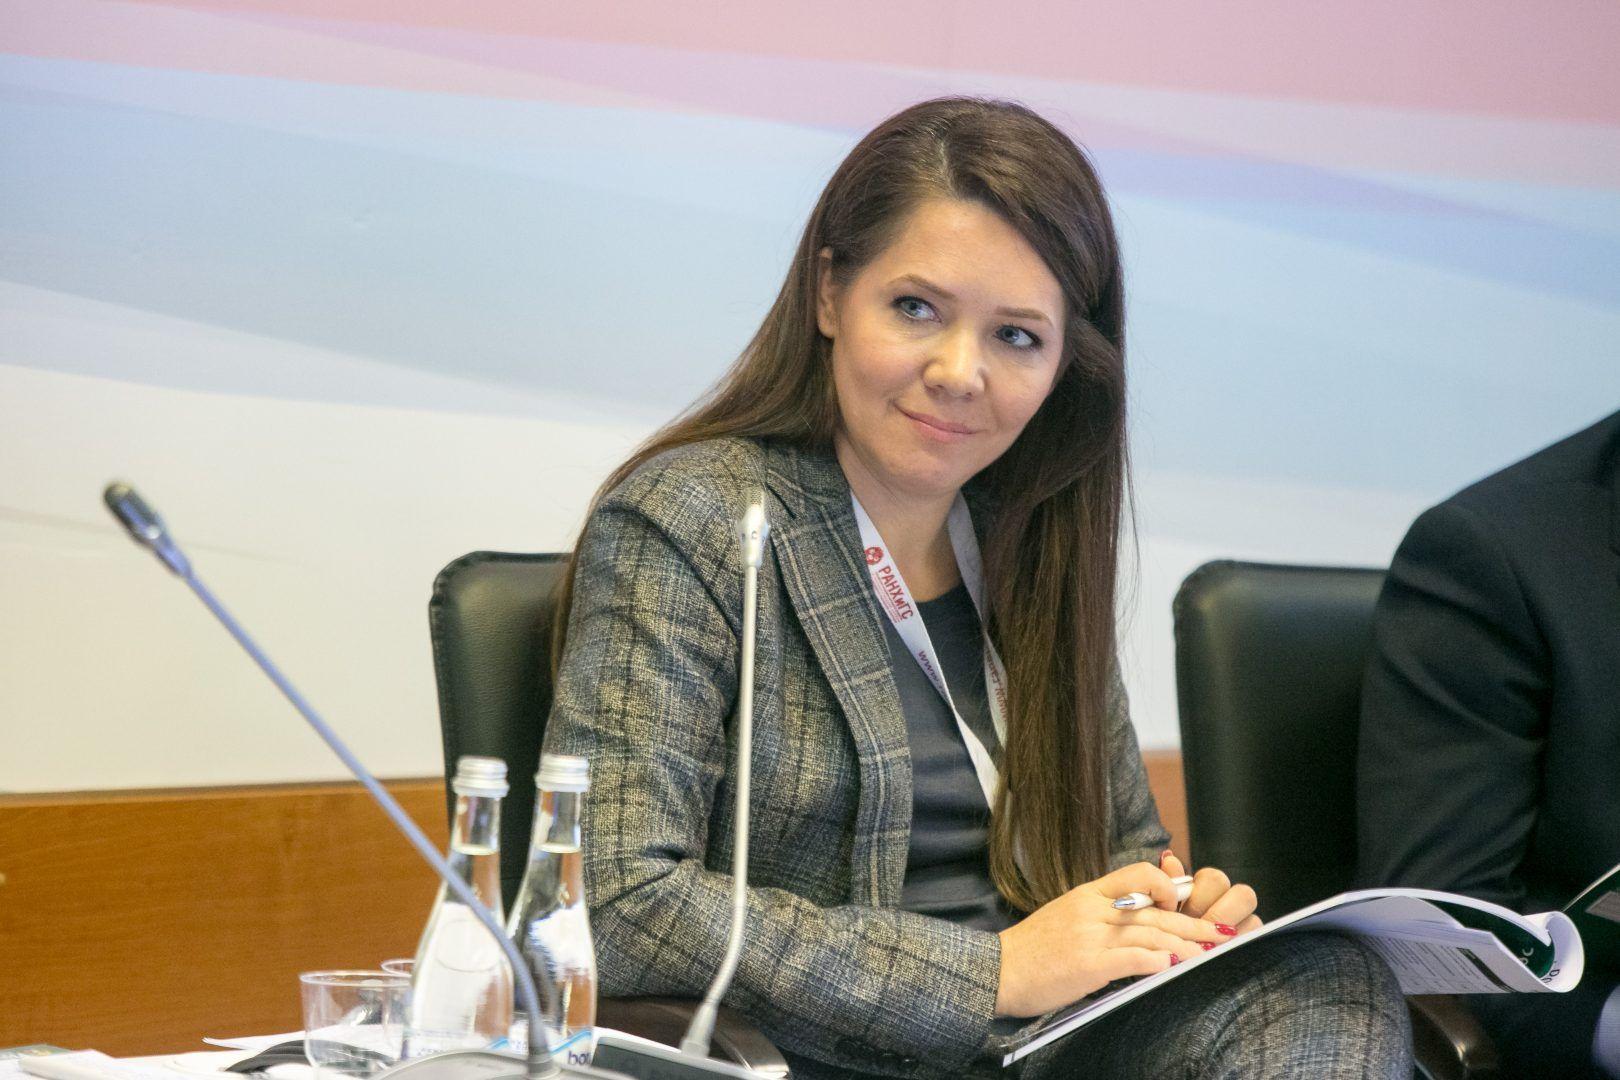 Заместитель мэра Москвы по вопросам социального развития Анастасия Ракова Фото: URA.RU/TASS